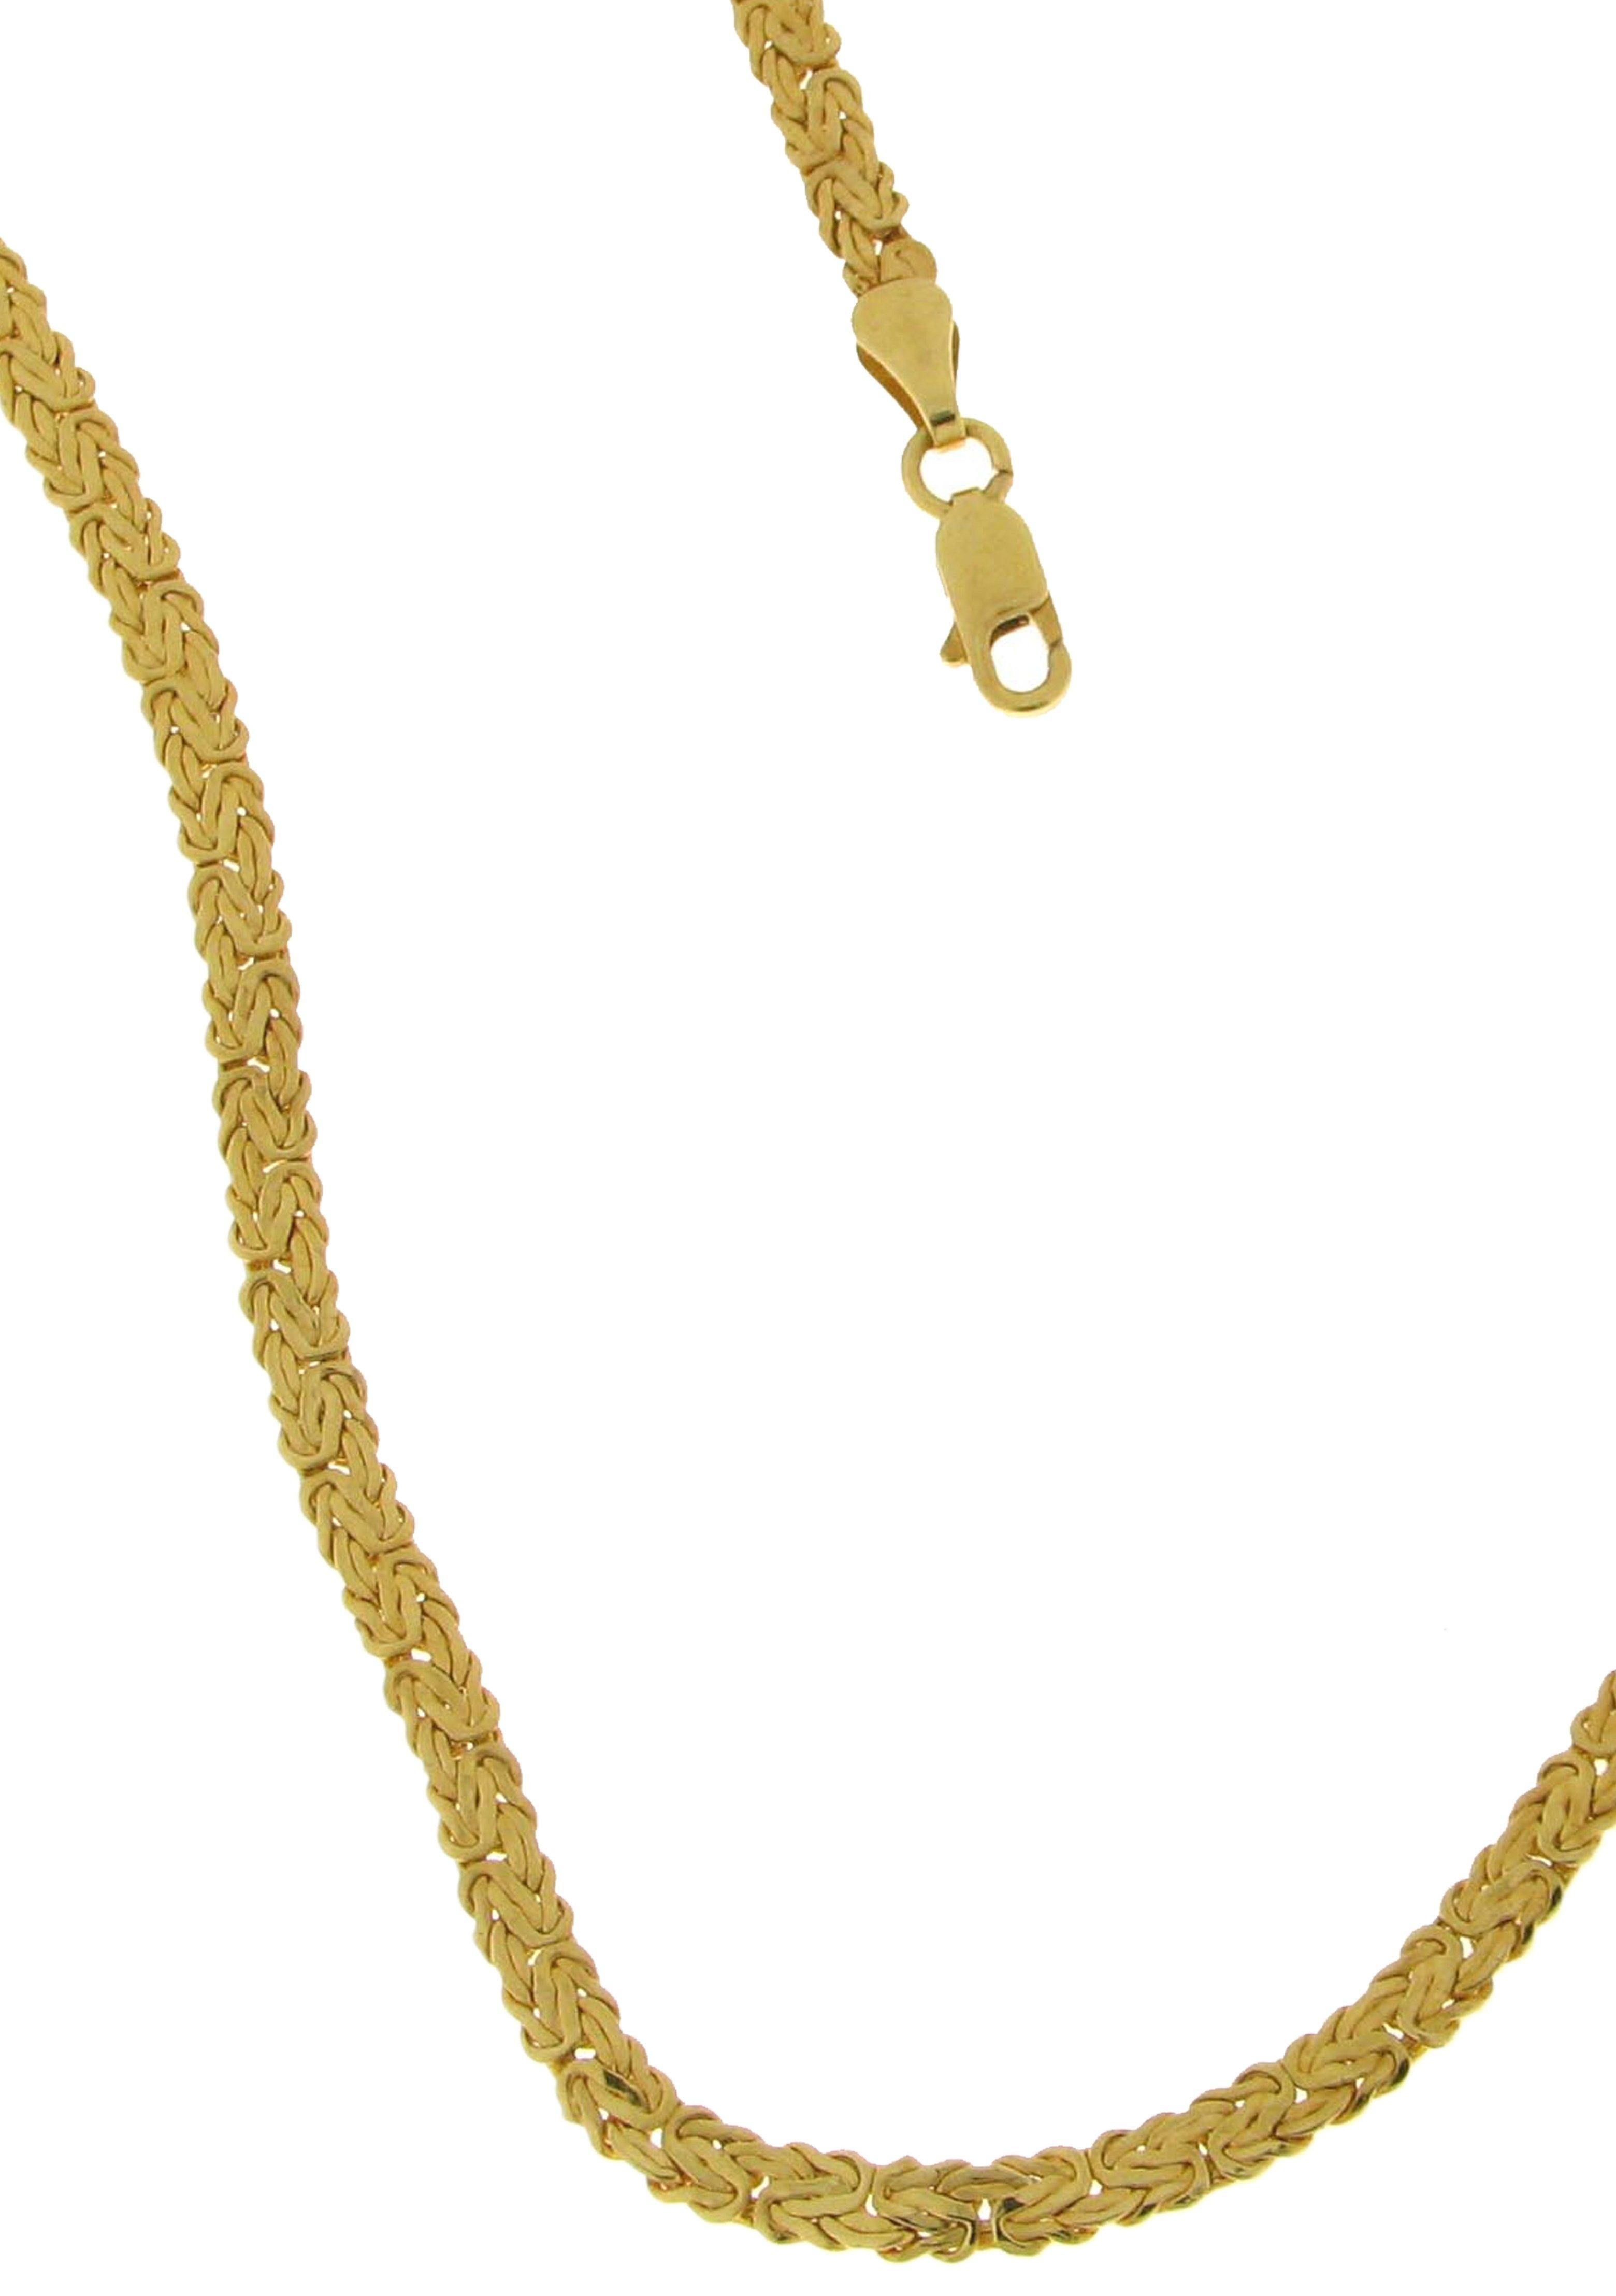 Firetti halssieraad: halsketting met koningsschakels, gebombeerd in de webshop van OTTO kopen